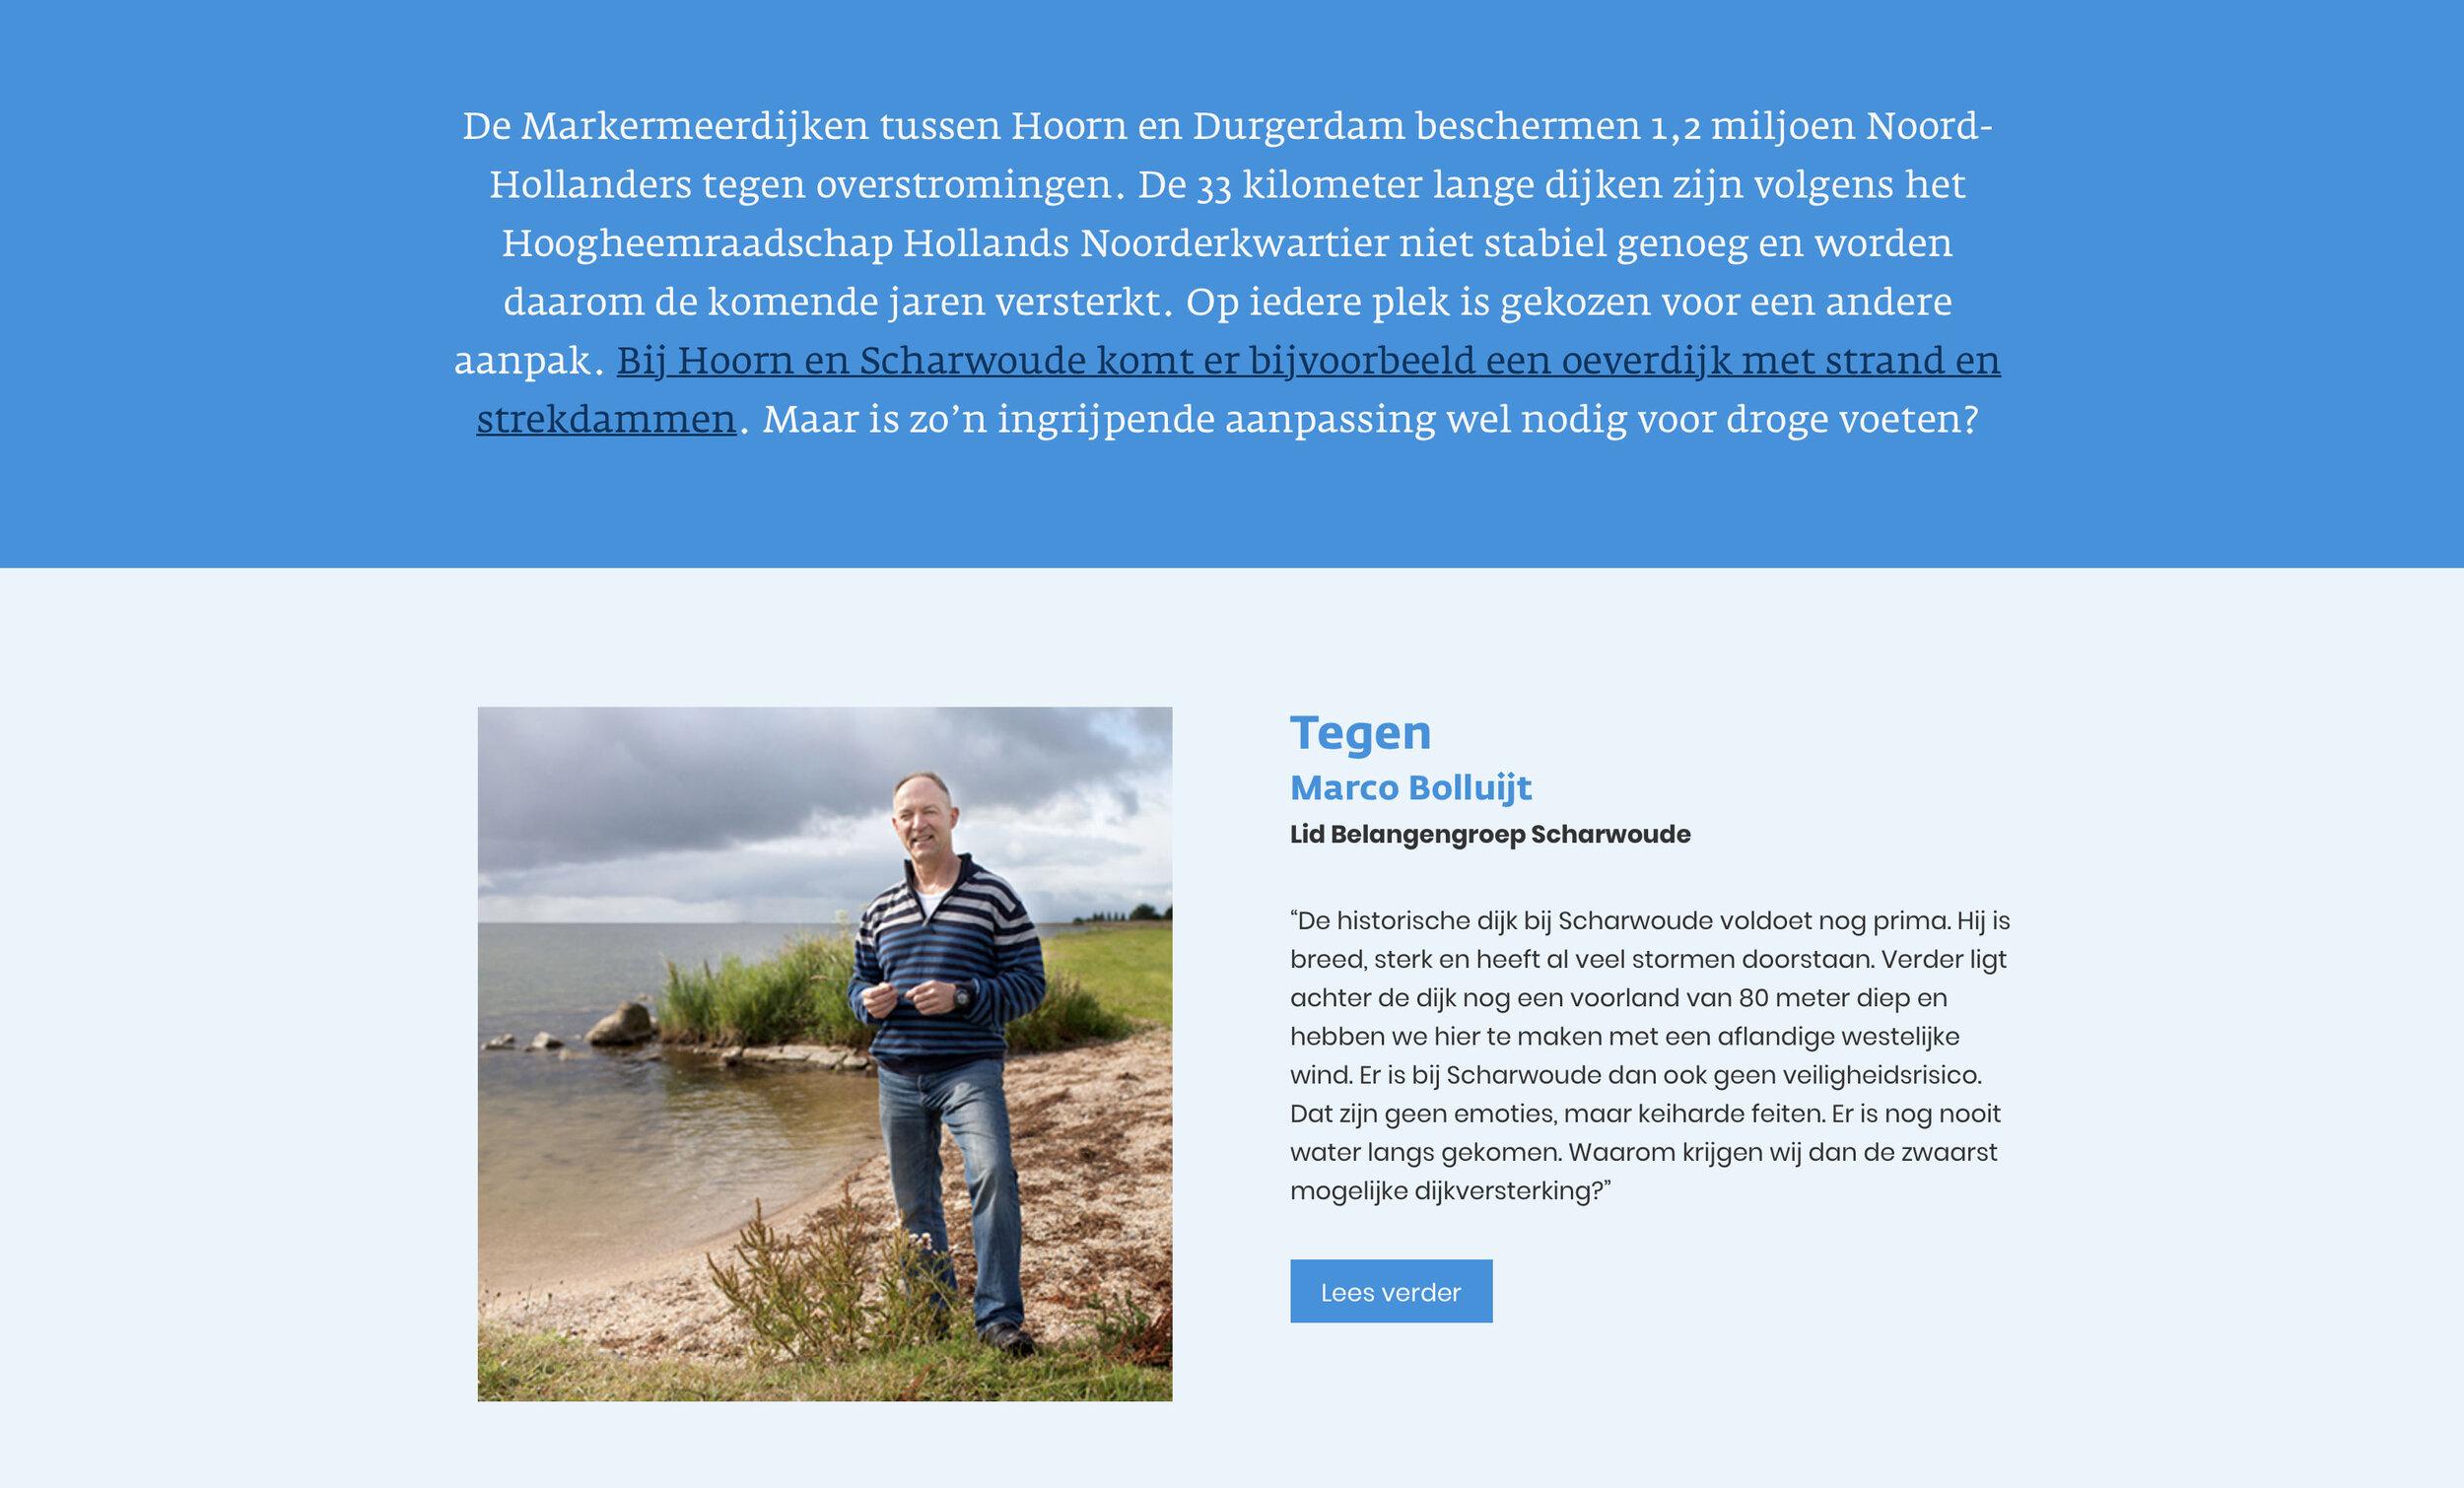 Provincie Noord-Hollands_Markermeerdijken_2.jpg